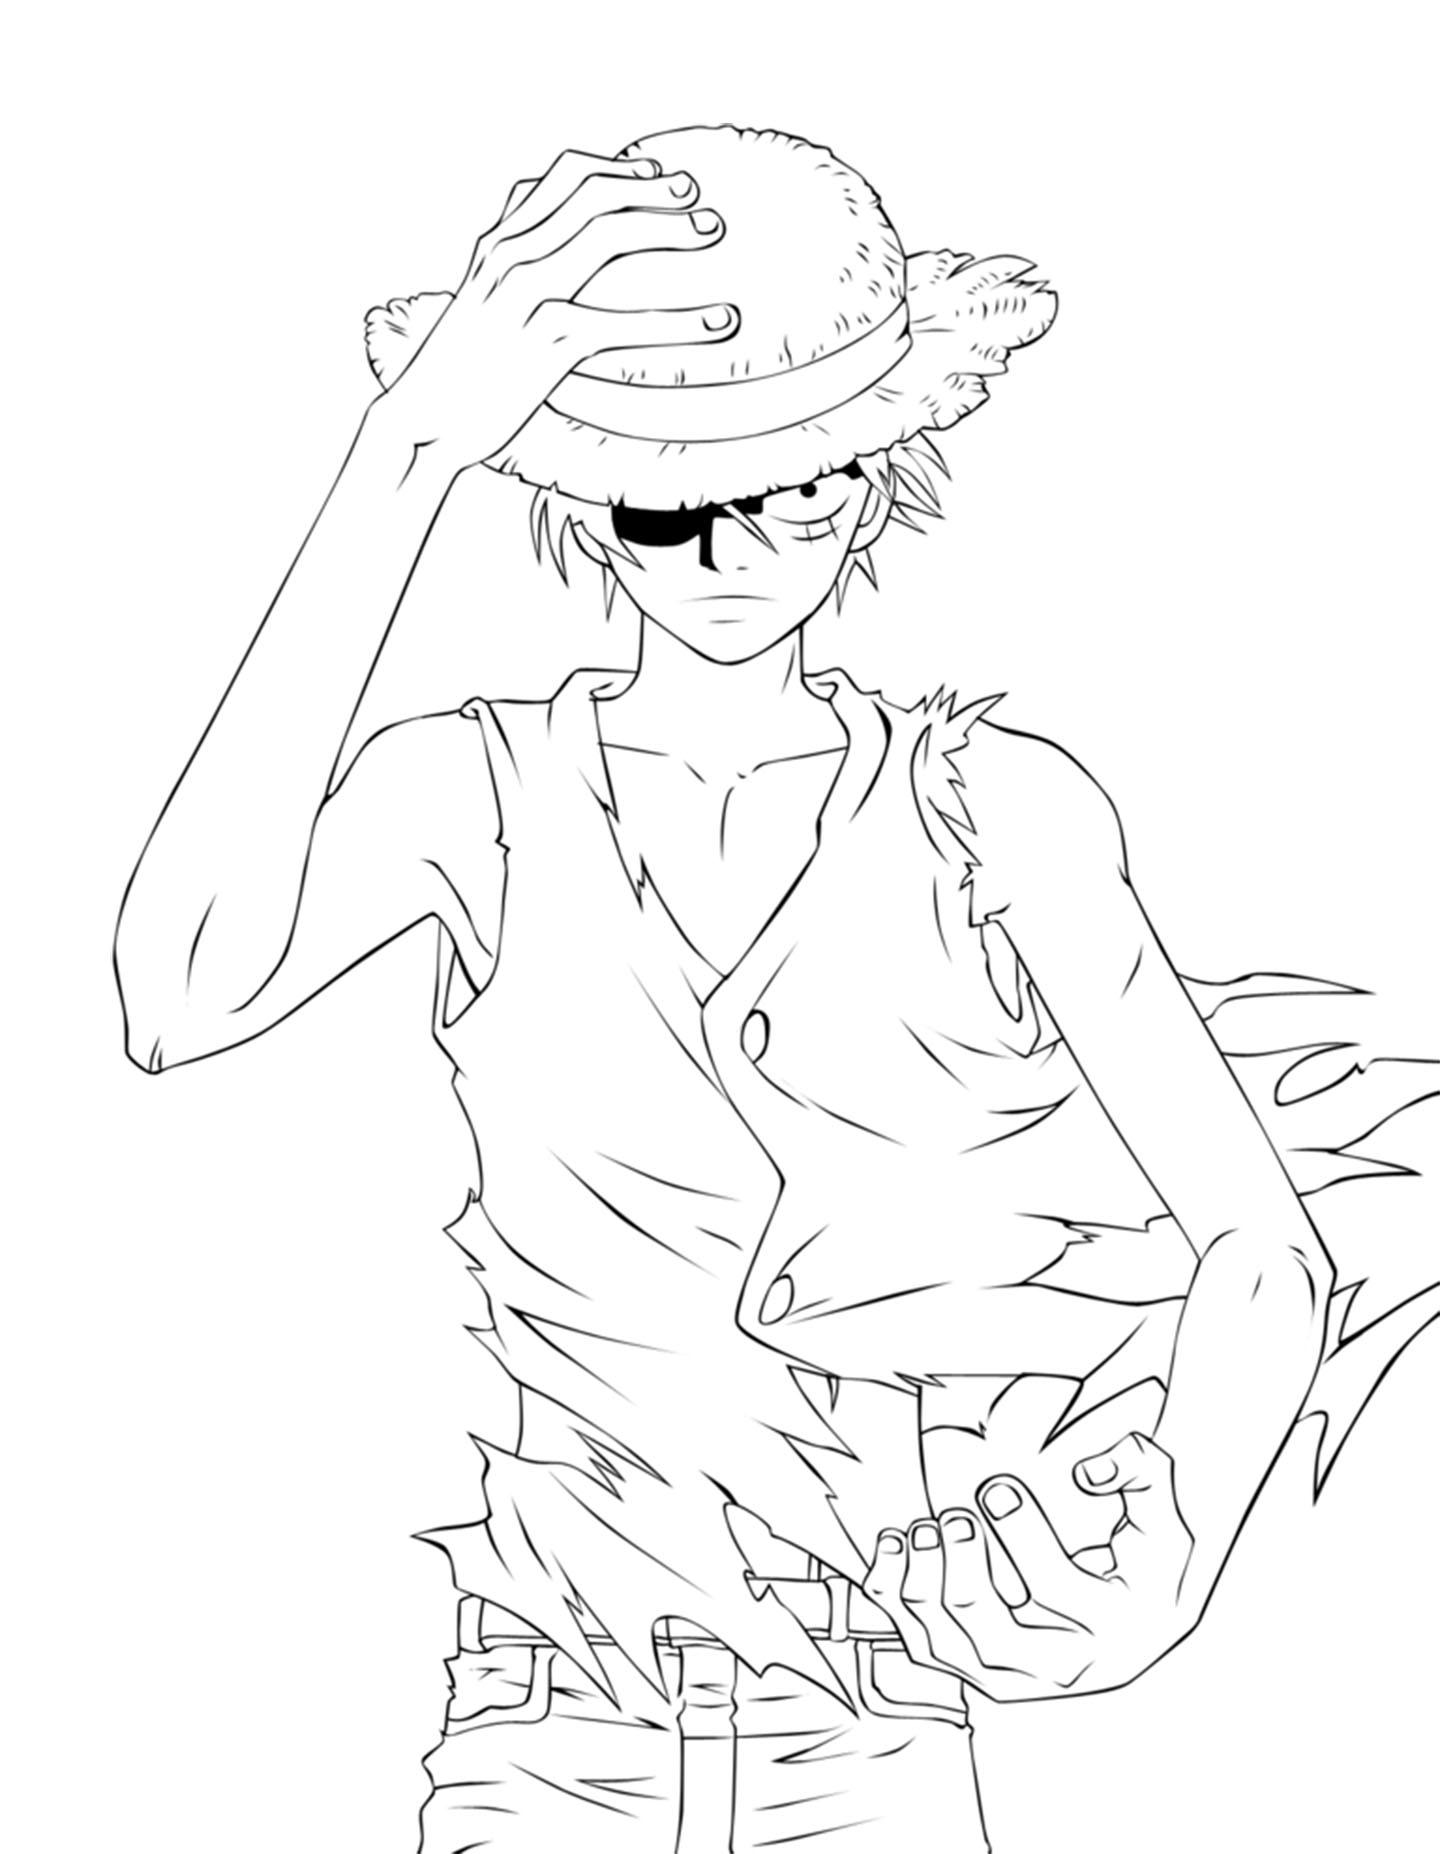 Image De One Piece A Imprimer Et Colorier Coloriage One Piece Coloriages Pour Enfants